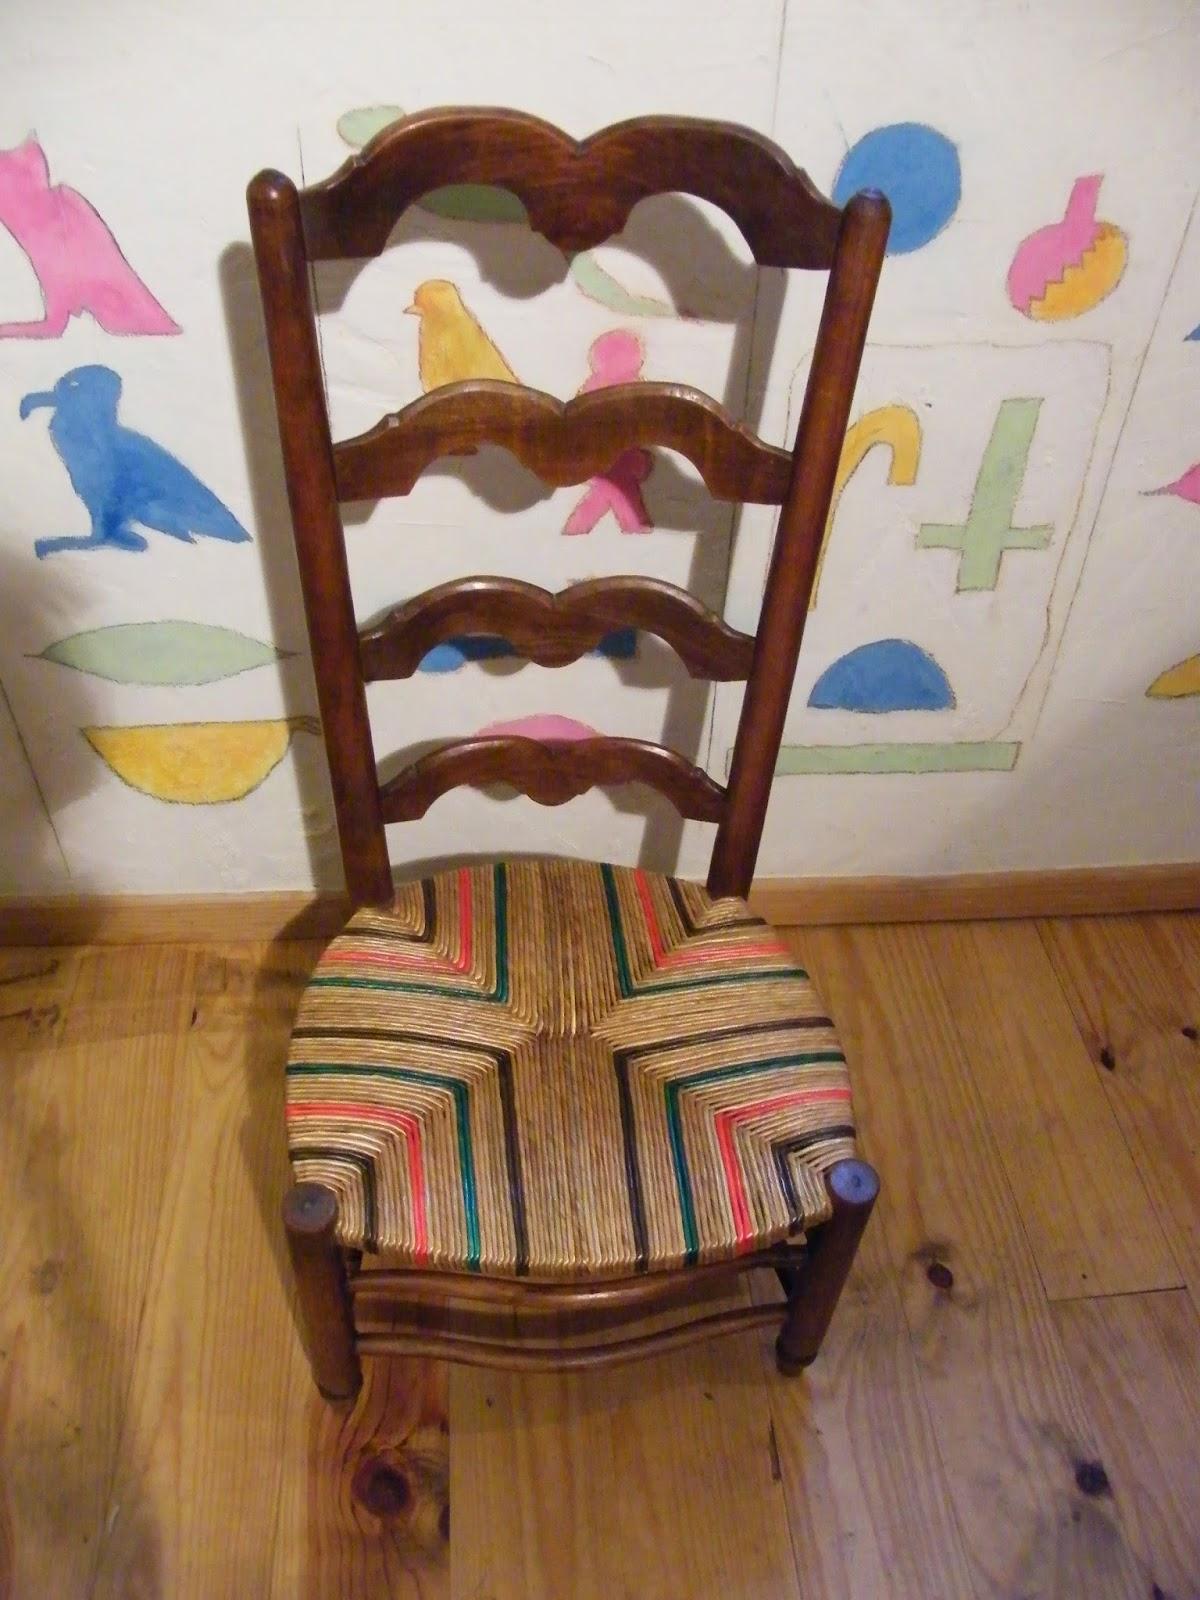 Nous Avons Donc Rempaille Cette Chaise De Nourrice En Seigle Avec Des Cordons Rouges Et